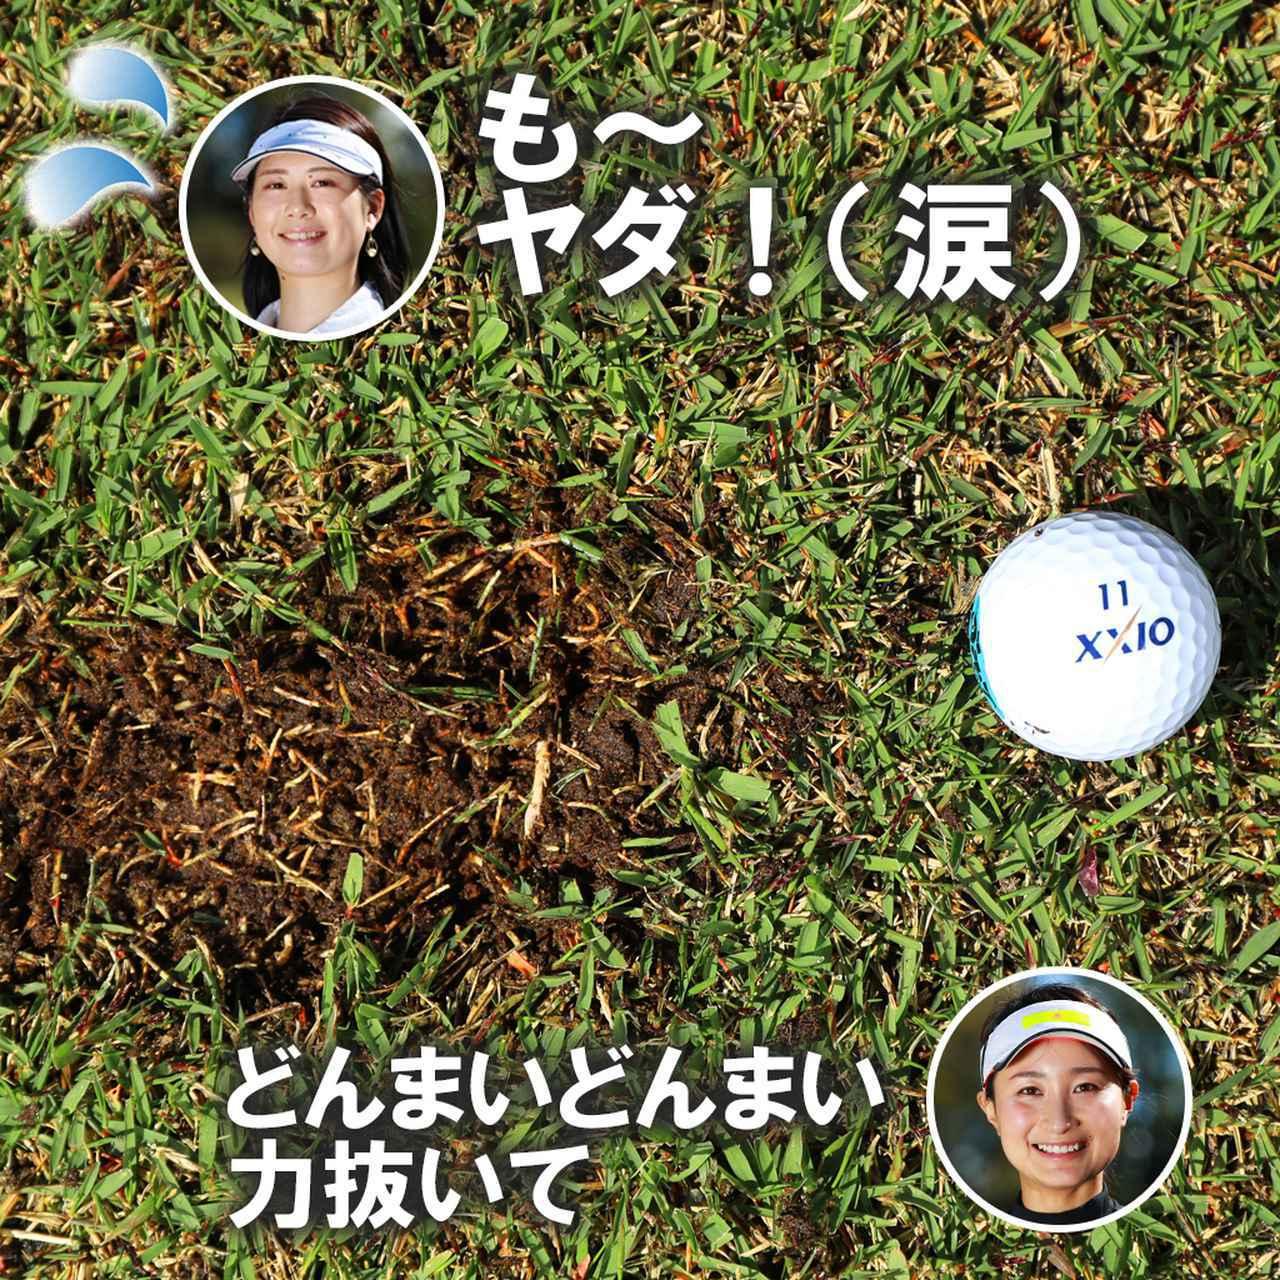 画像3: 【新ルール】ザックリした後に芝を直したけど、これってペナルティあり? なし?